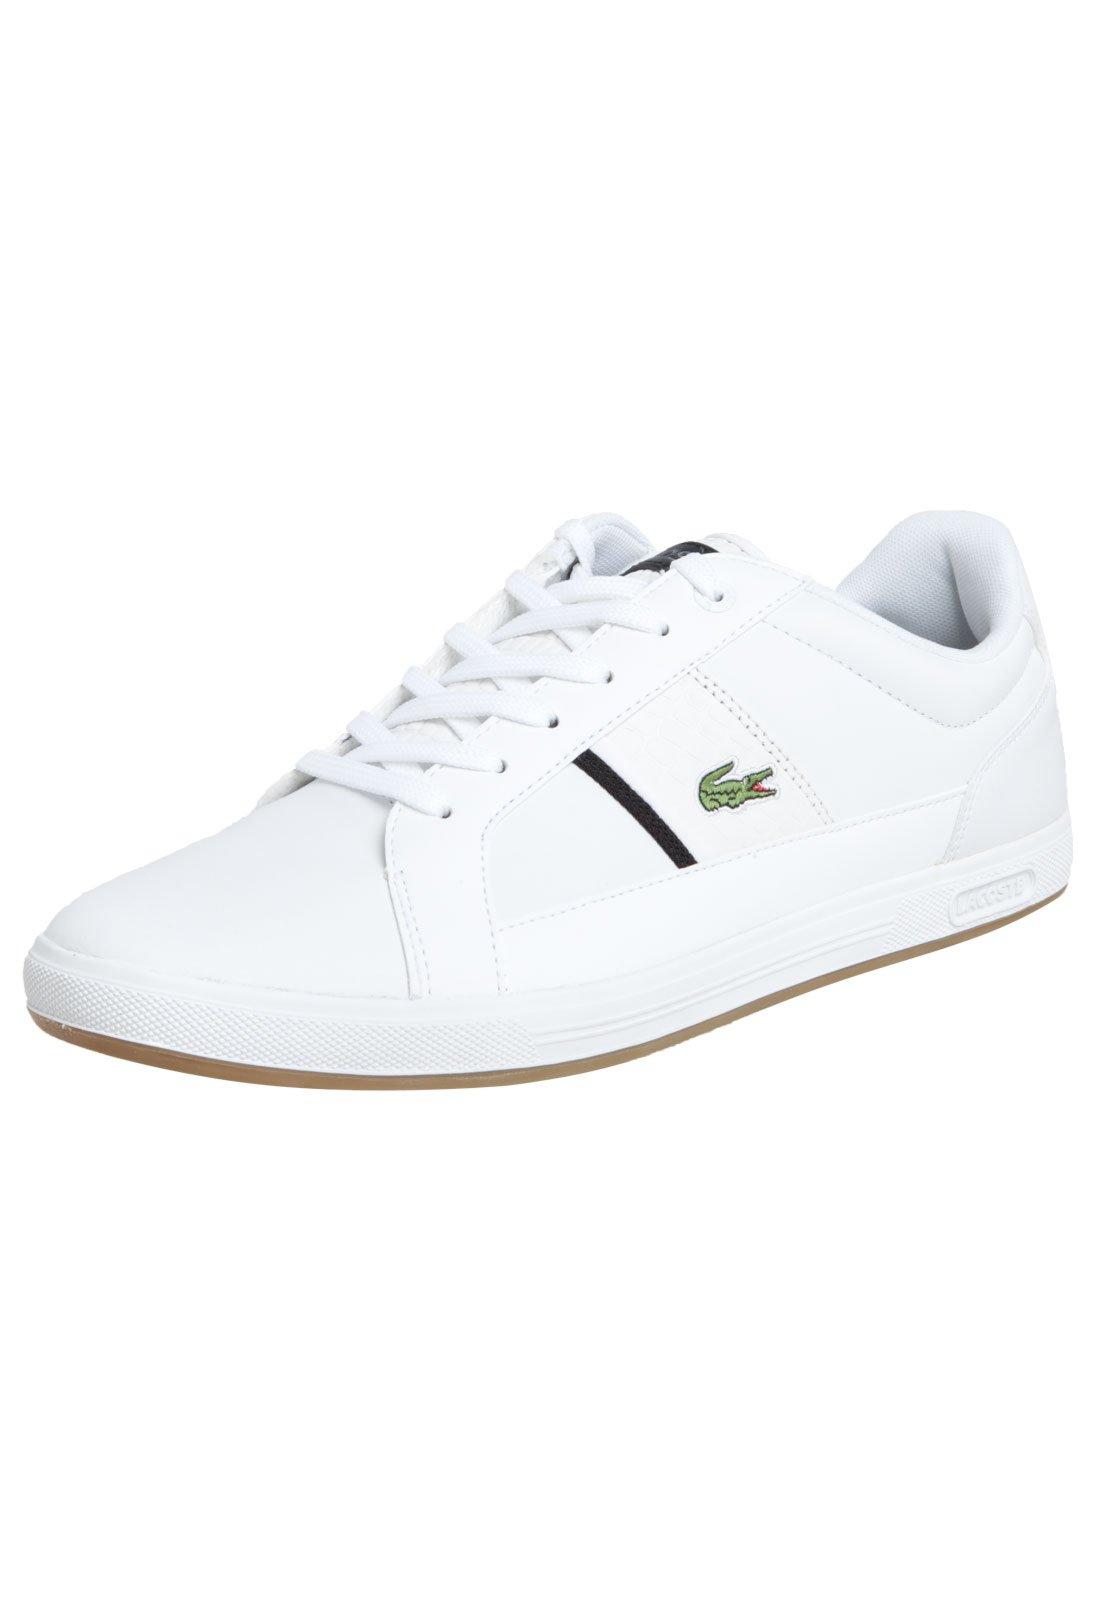 df1af3509d226 ... tenis lacoste branco feminino ...